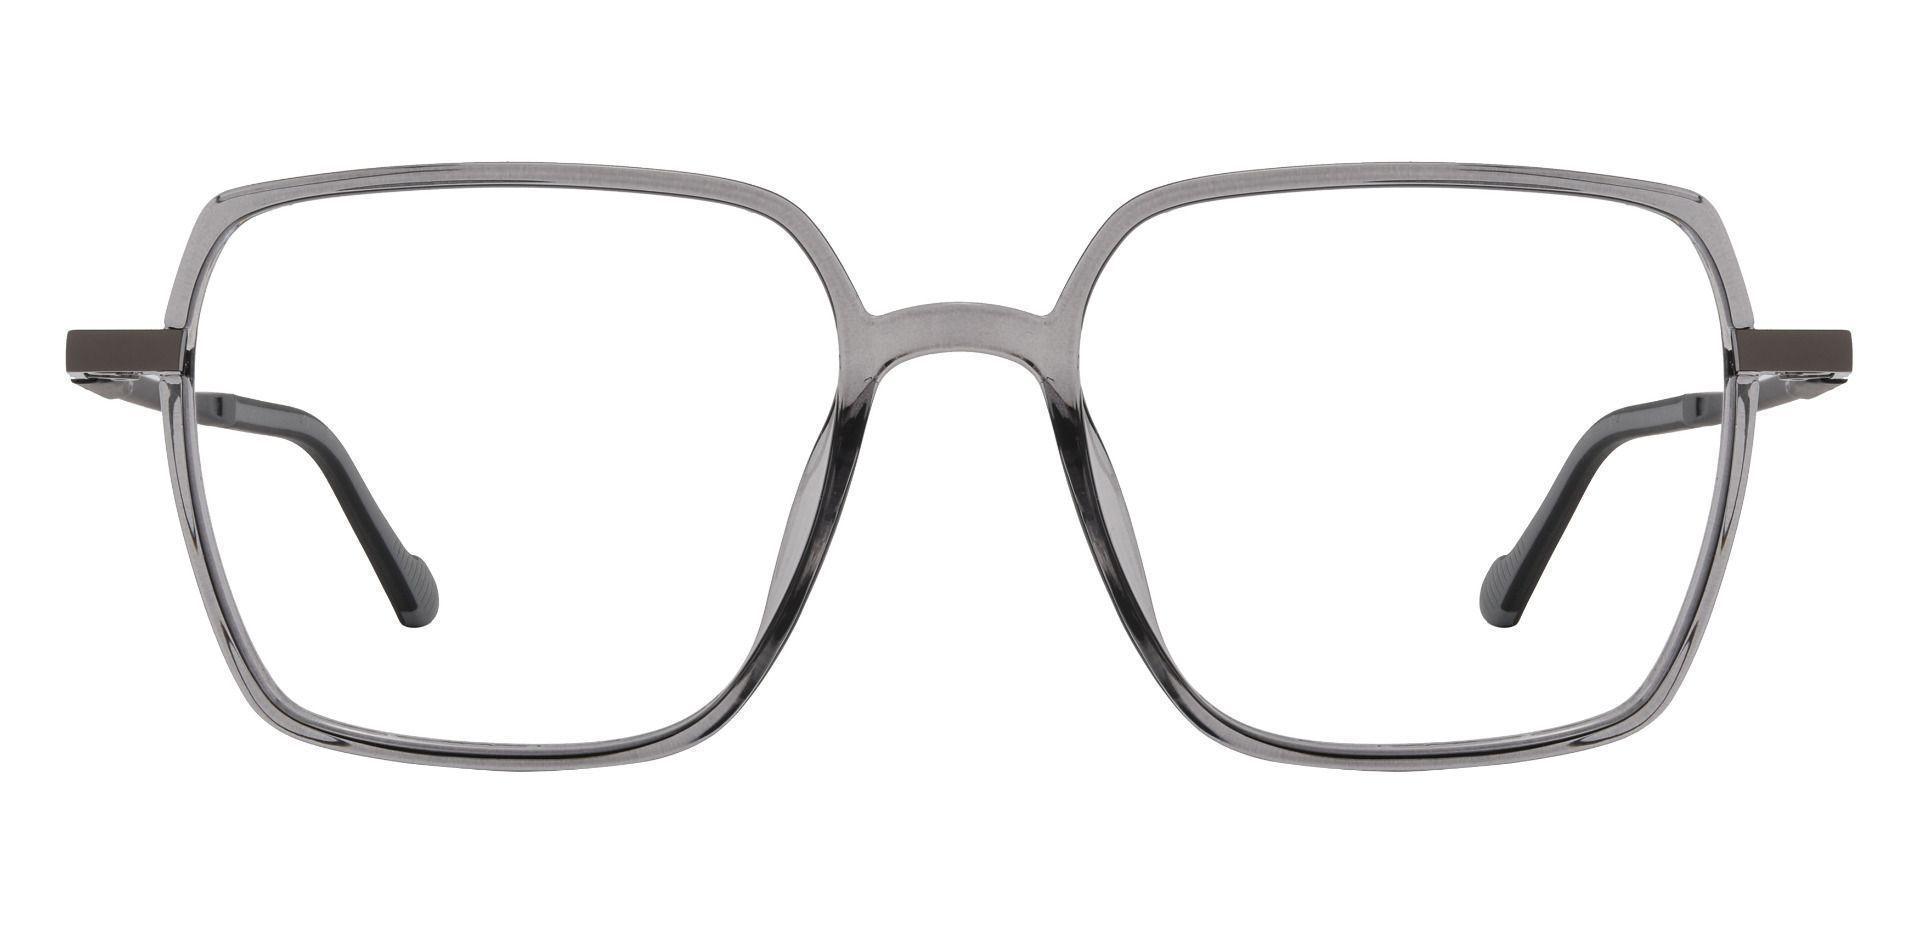 Zalma Square Prescription Glasses - Gray